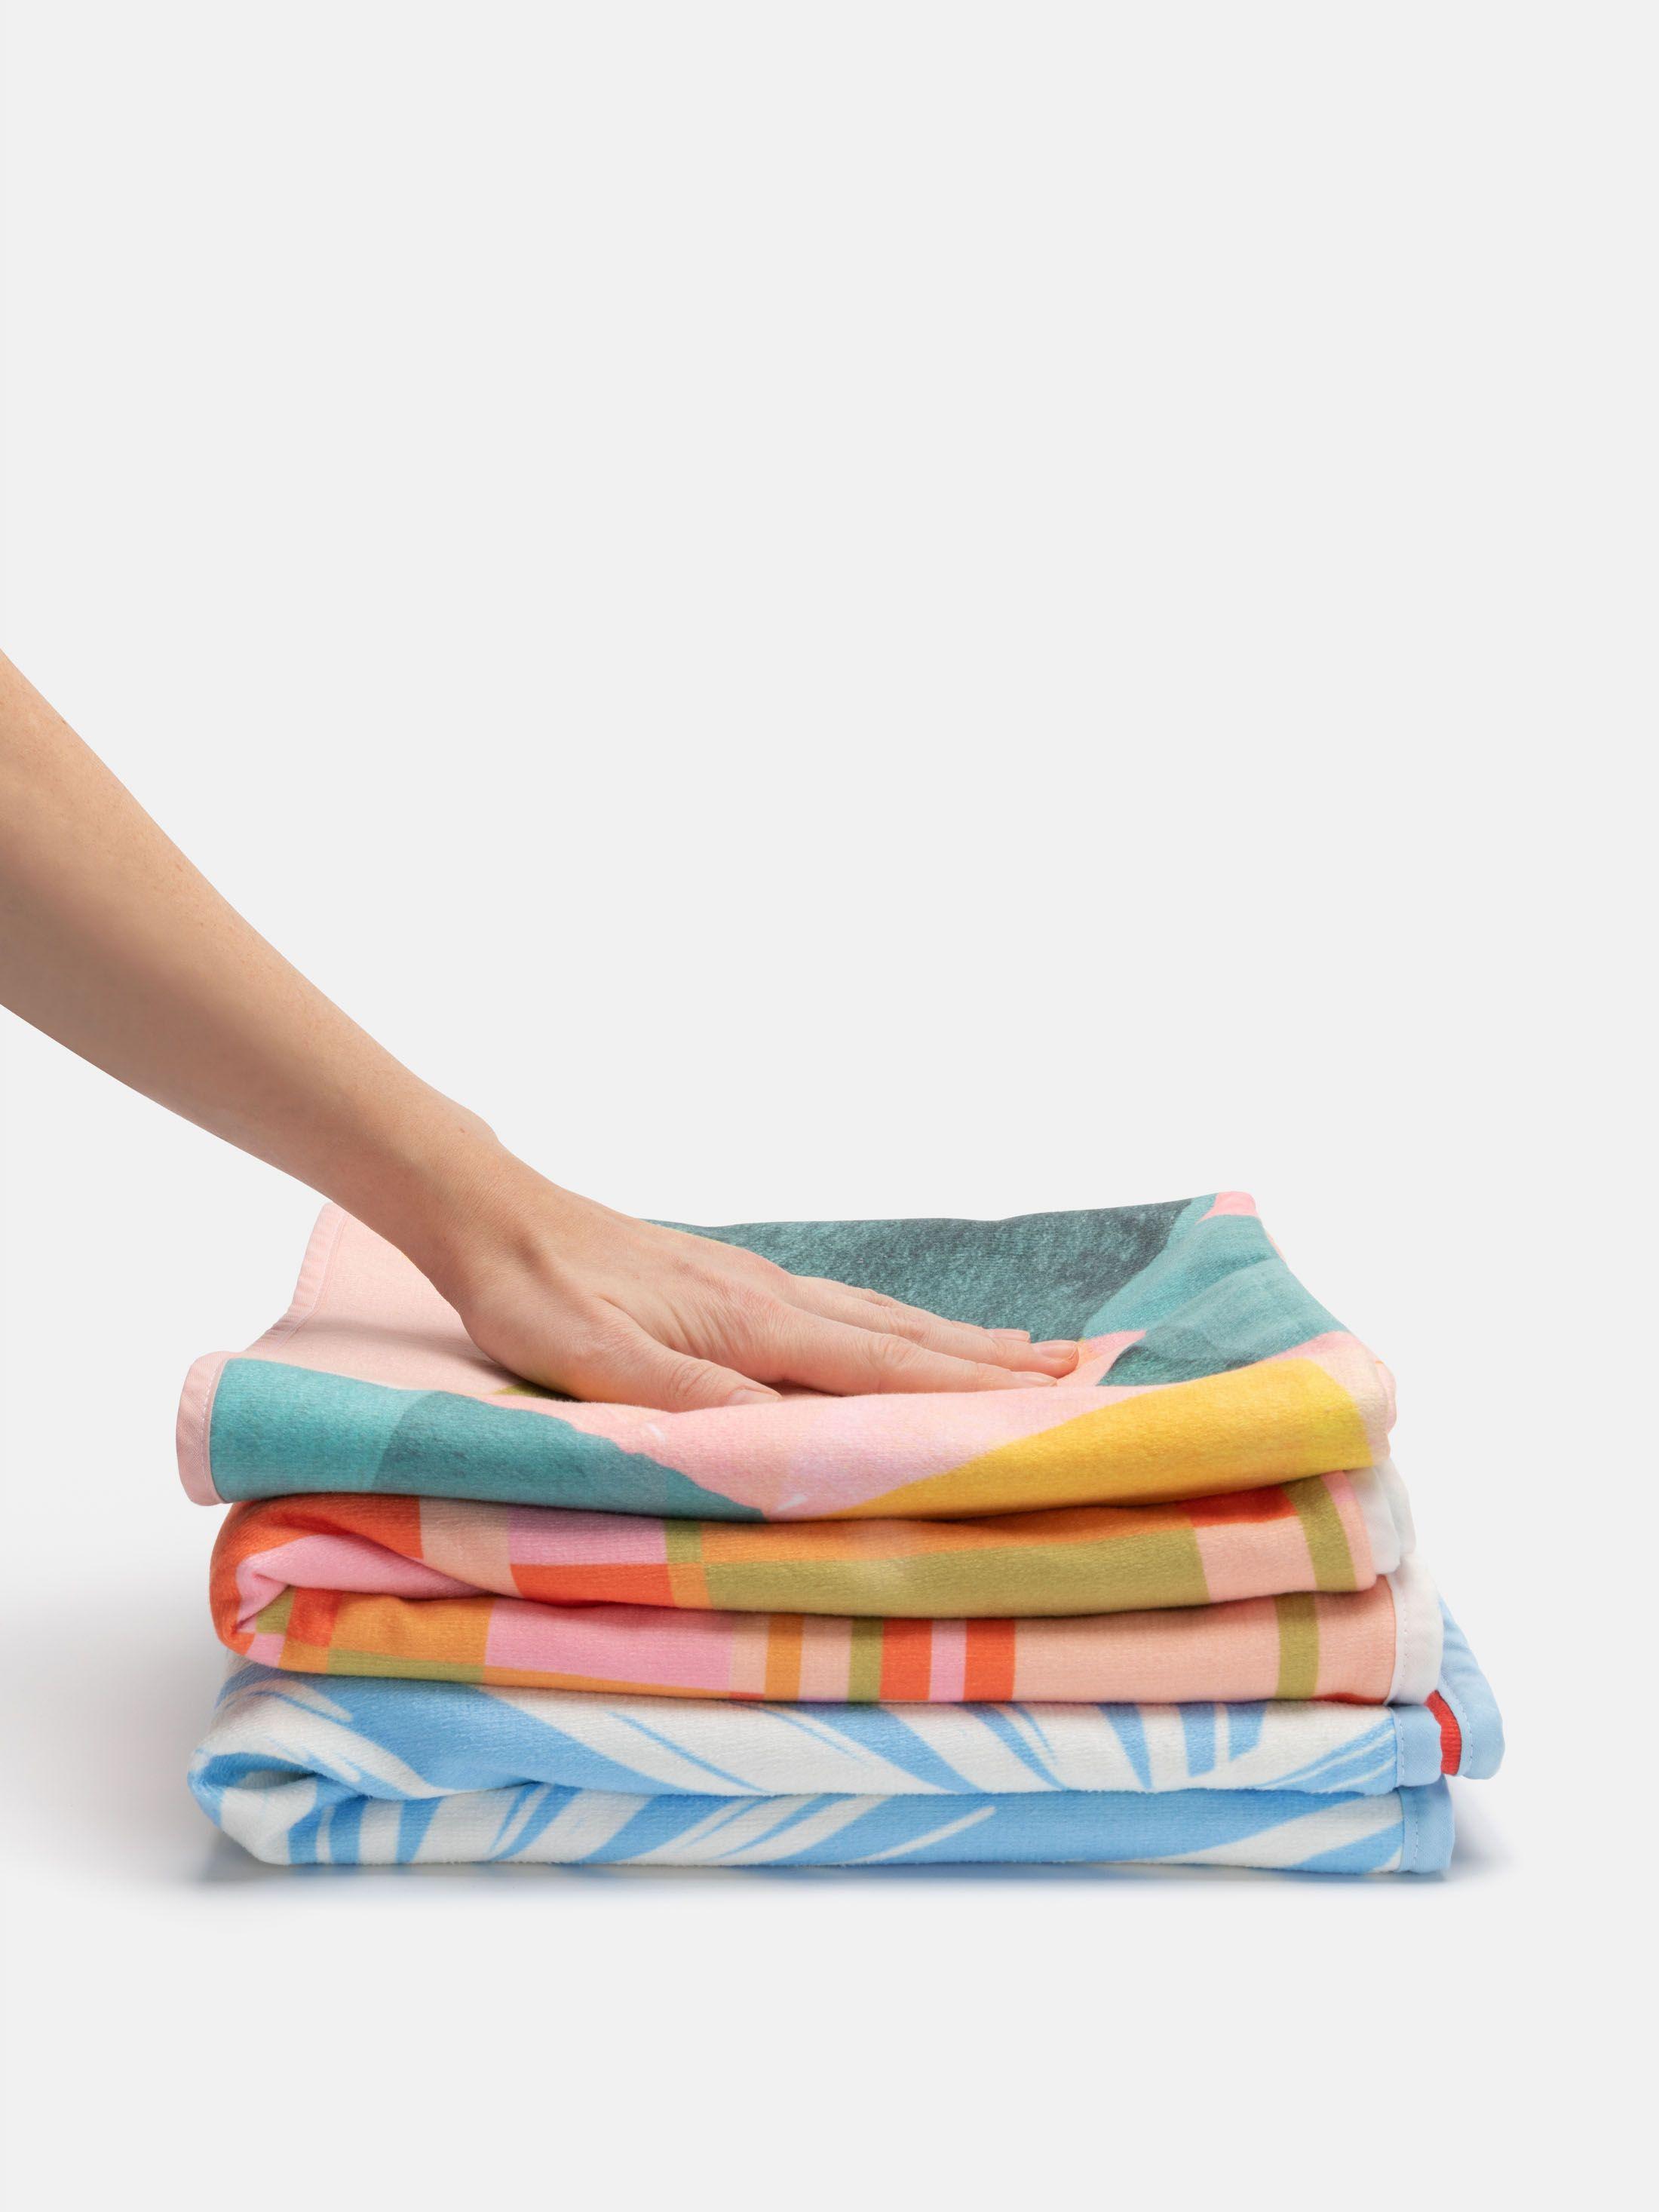 Détails de l'impression sur serviette de bain